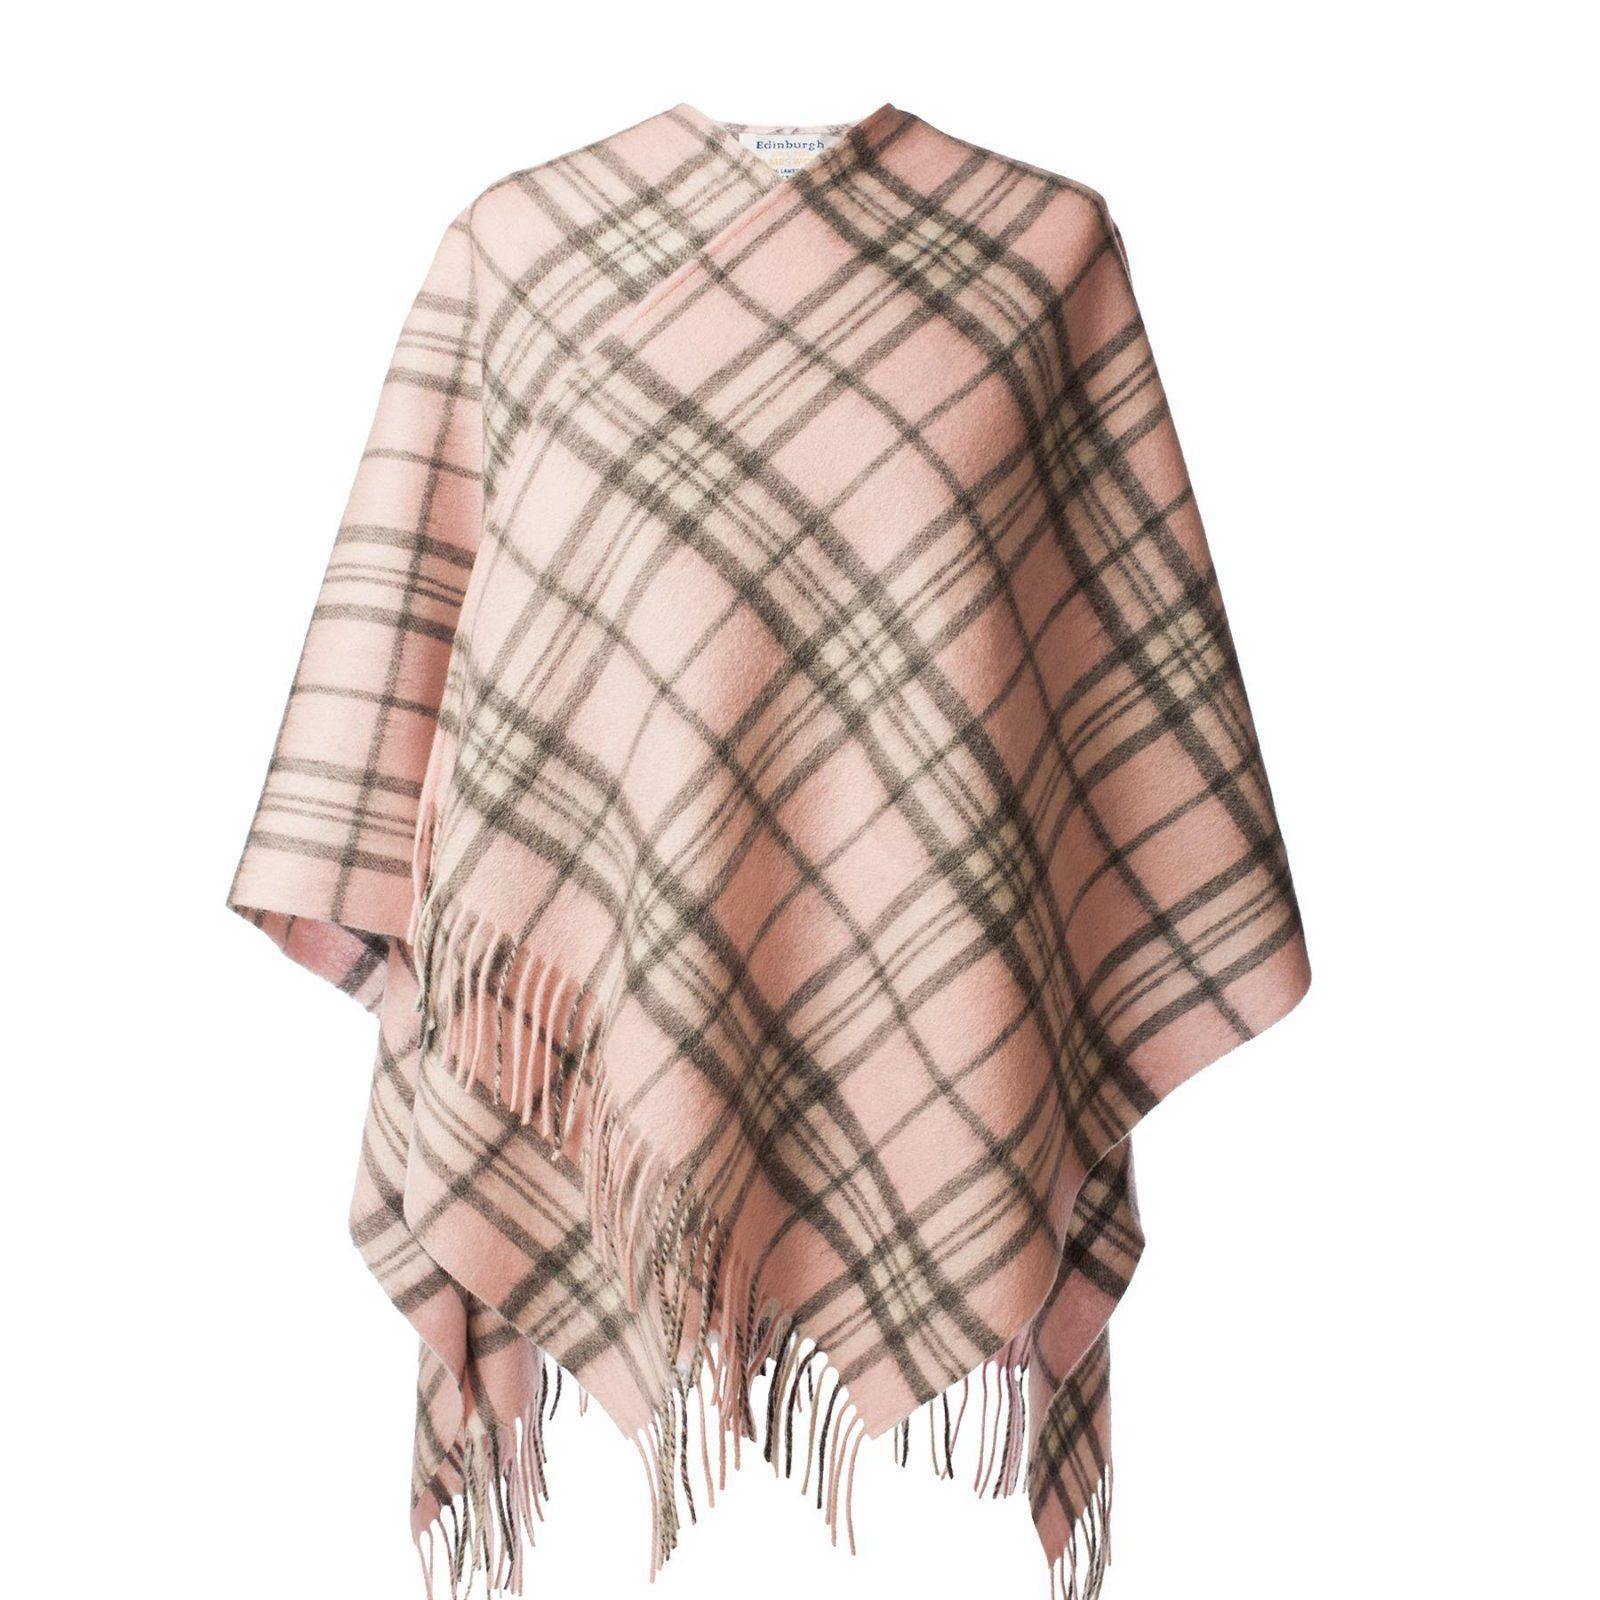 NEW Fashion Scialle Poncho 100% LANA LANA LANA D'AGNELLO Cape nella scelta di sapore  503ca5